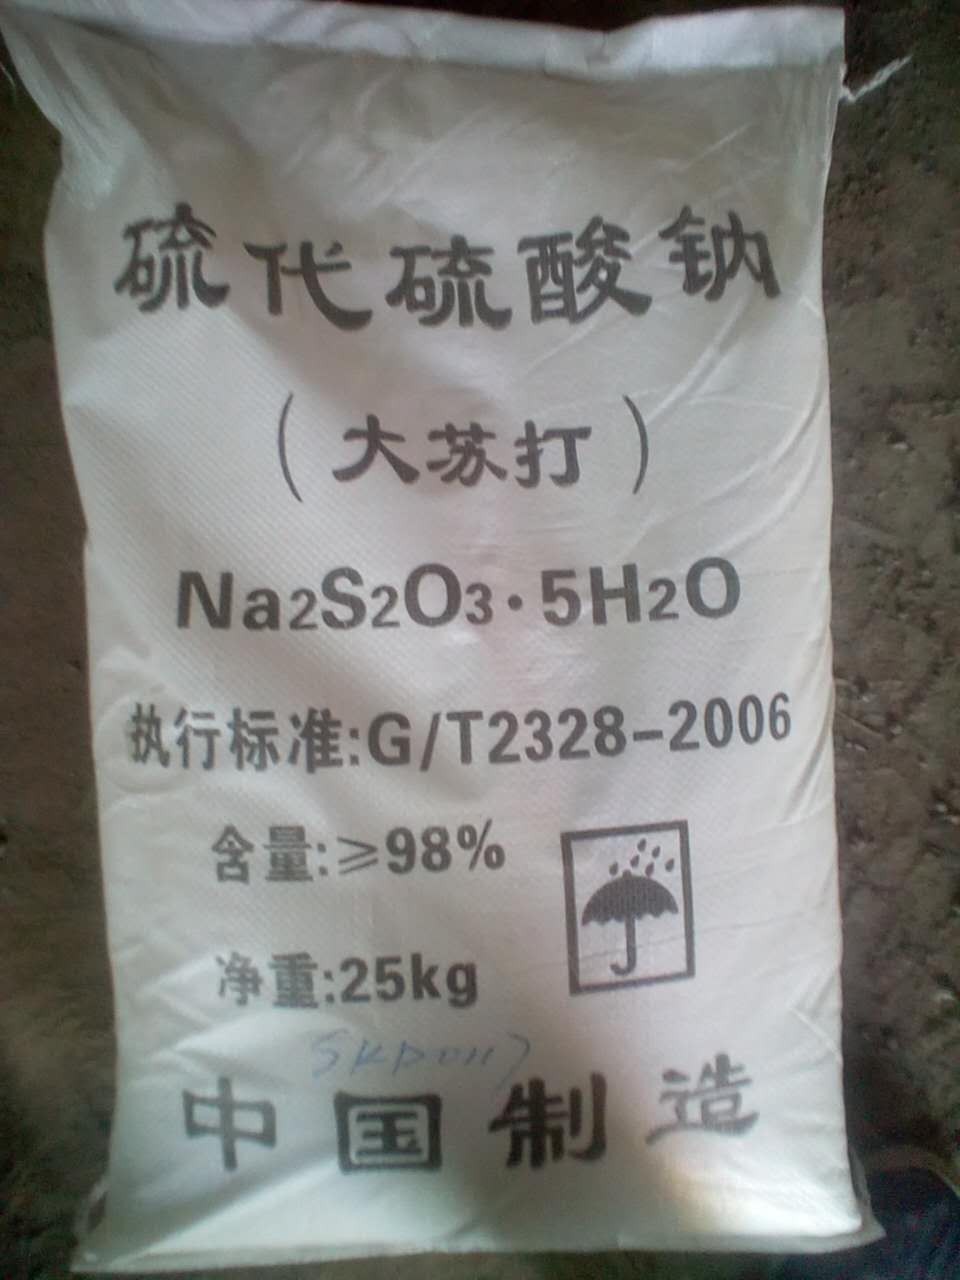 有品质的硫代硫酸钠哪里买_硫代硫酸钠批发价格